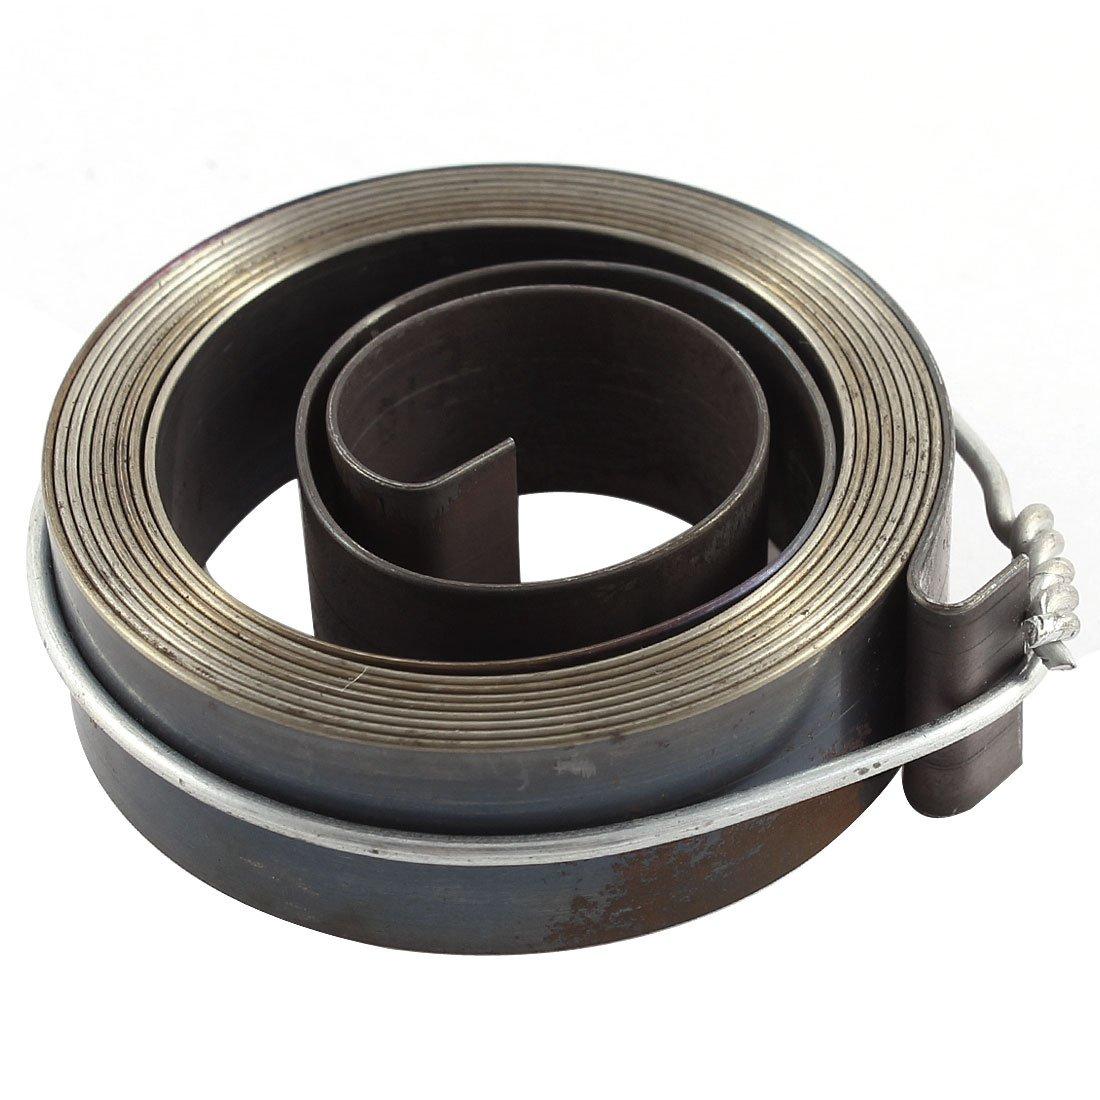 sourcingmap® 16 mm x 0, 7 mm 1, 800 mm de longitud prensa de taladro Pluma alimentación de retorno Conjunto de muelles helicoidales 800 mm de longitud prensa de taladro Pluma alimentación de retorno Conjunto de muelles helicoidales a15051900ux01